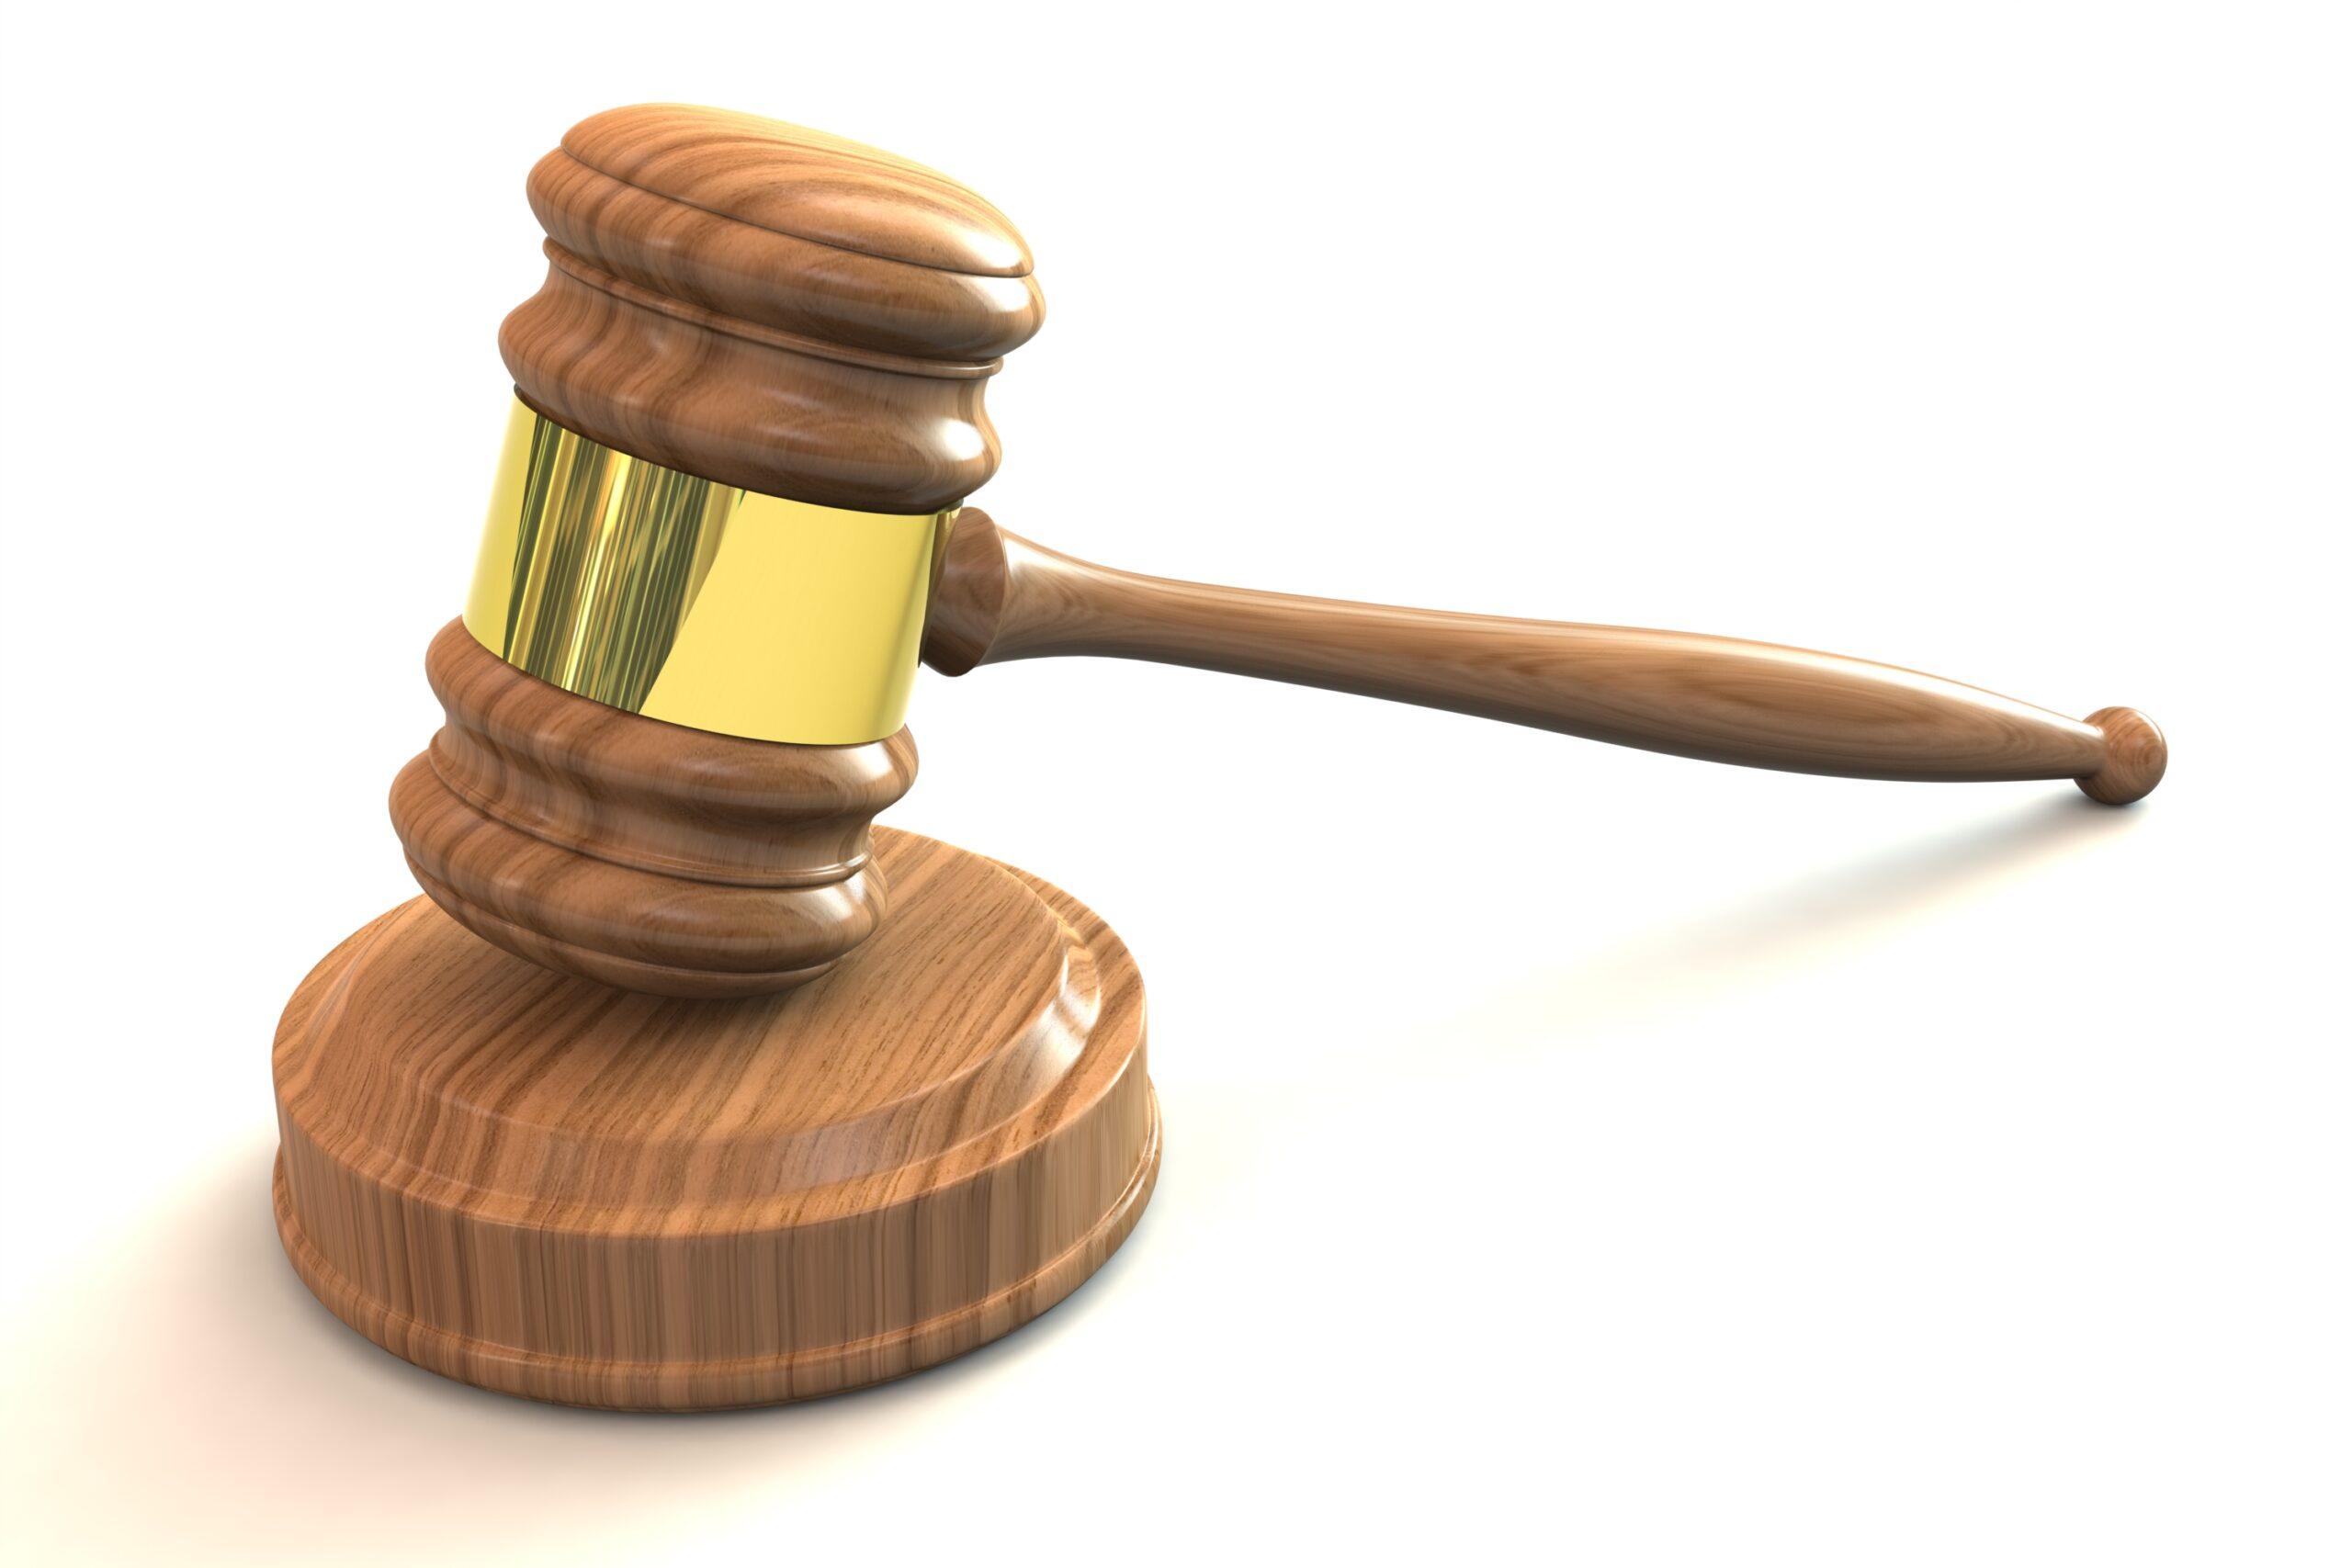 Justice argues legislative subpoena has no legitimate purpose